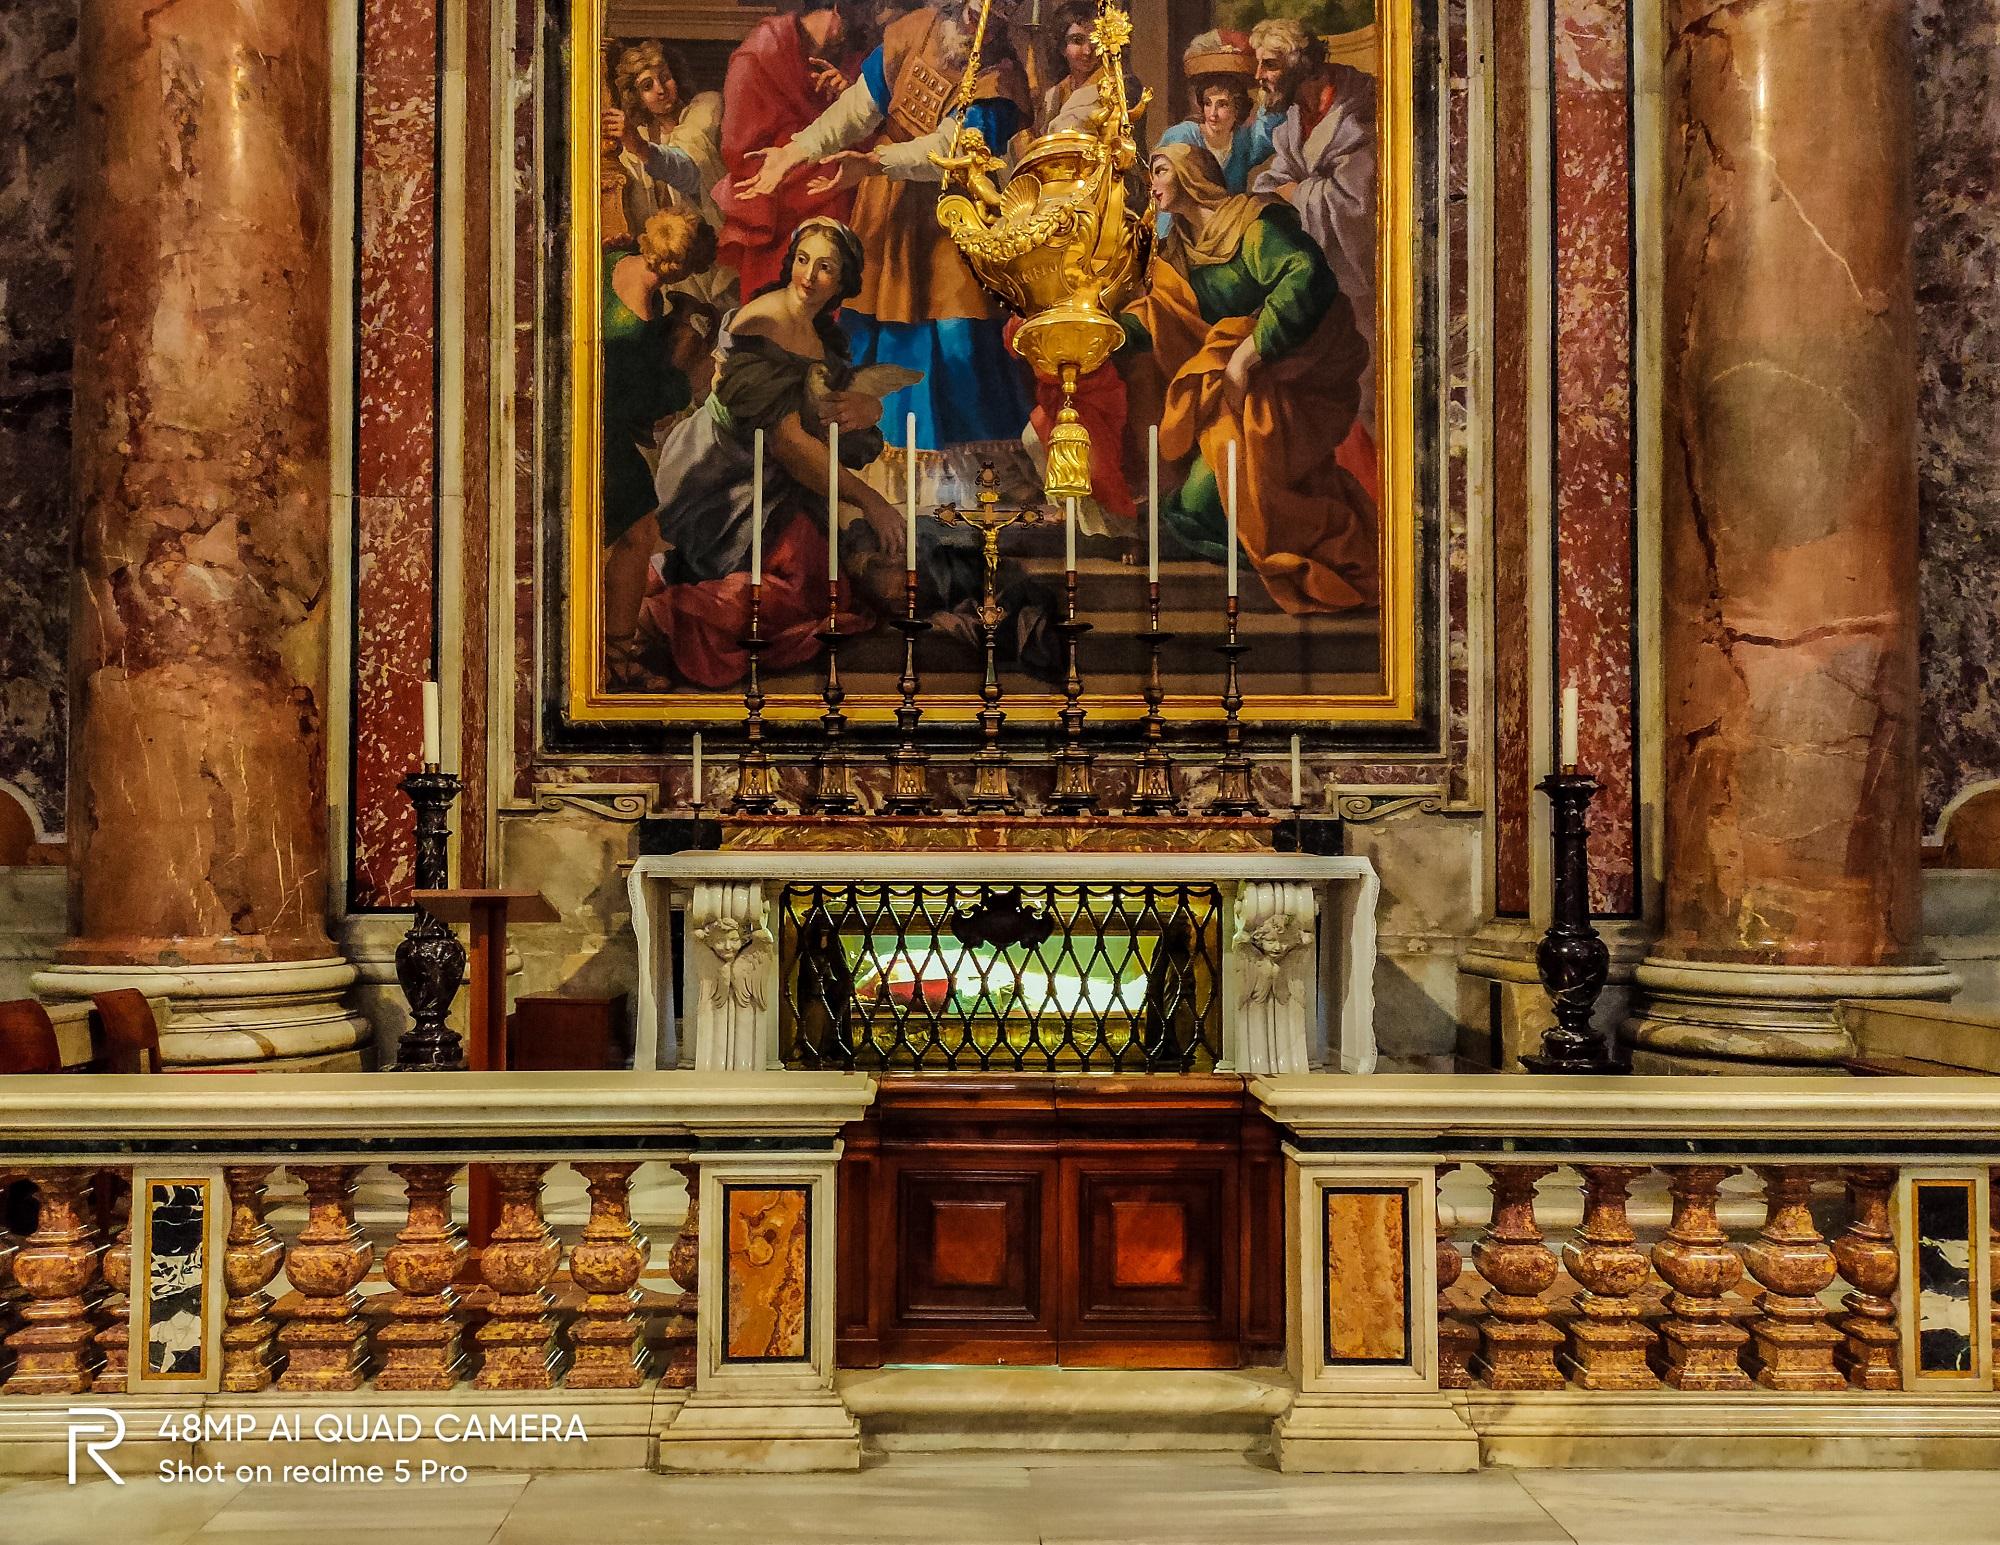 Thi hài của giáo hoàng Vatican.